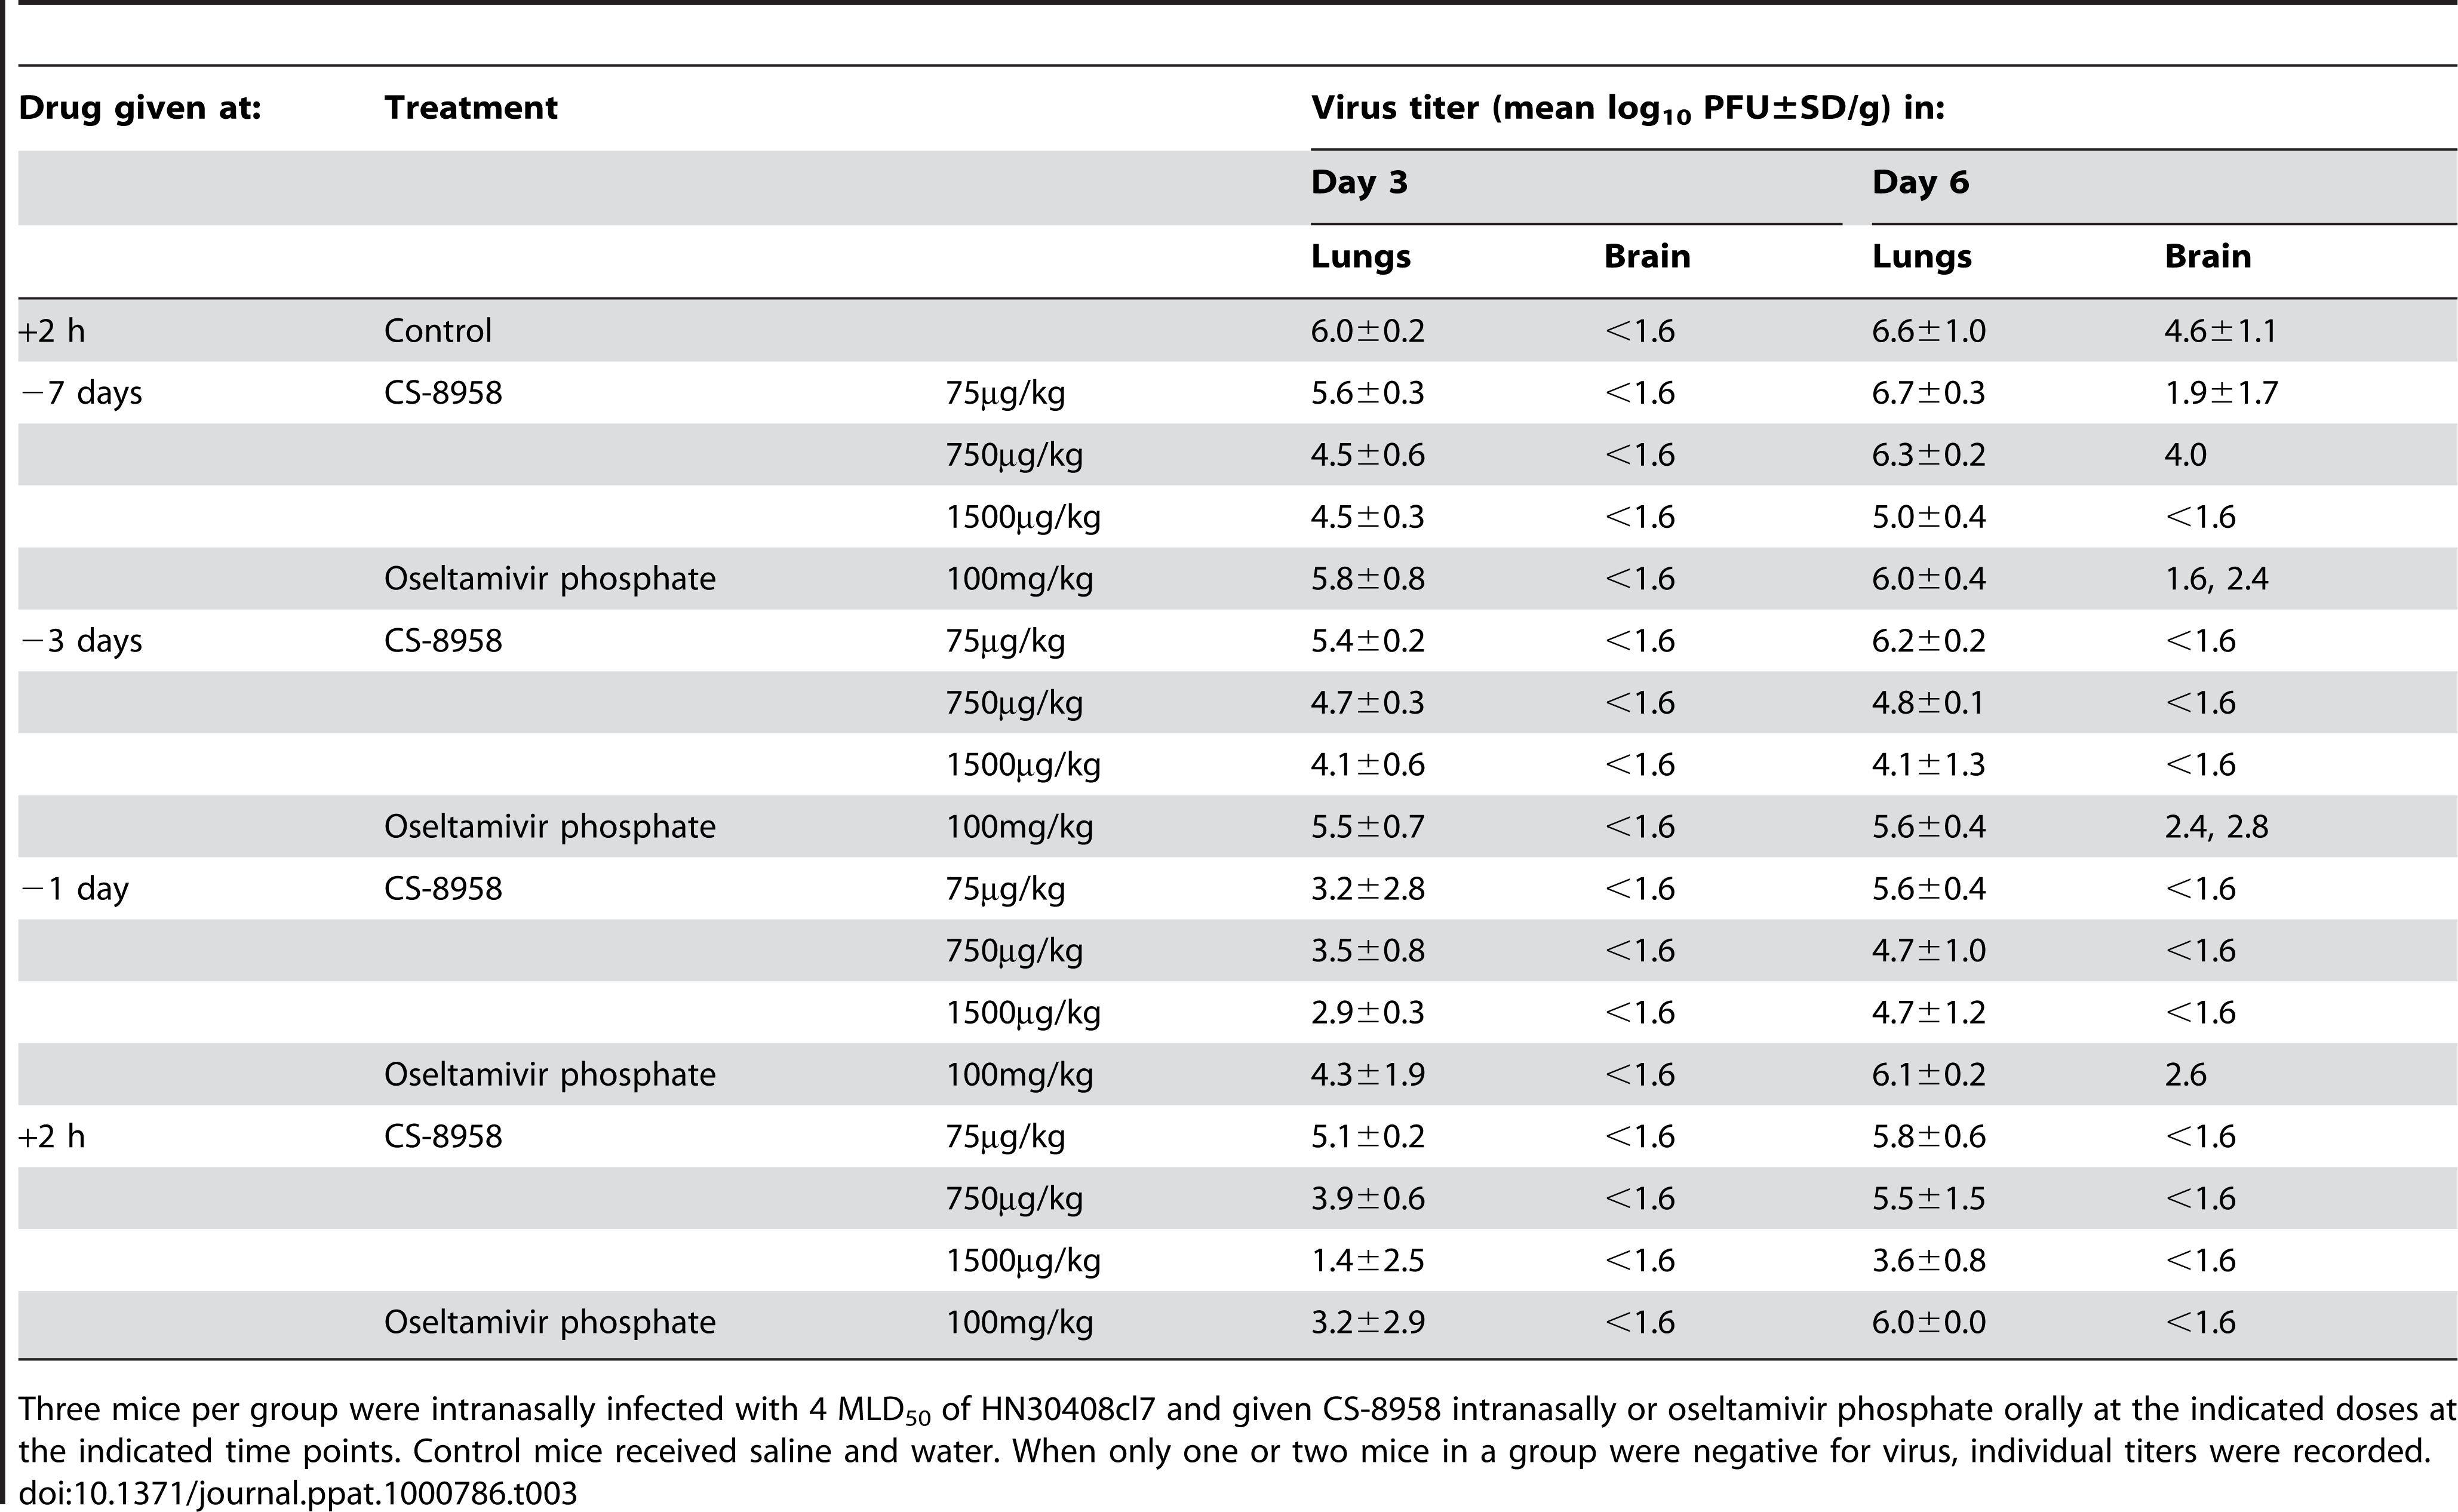 Prophylactic efficacy of CS-8958 as measured by H5N1 virus growth in mice.